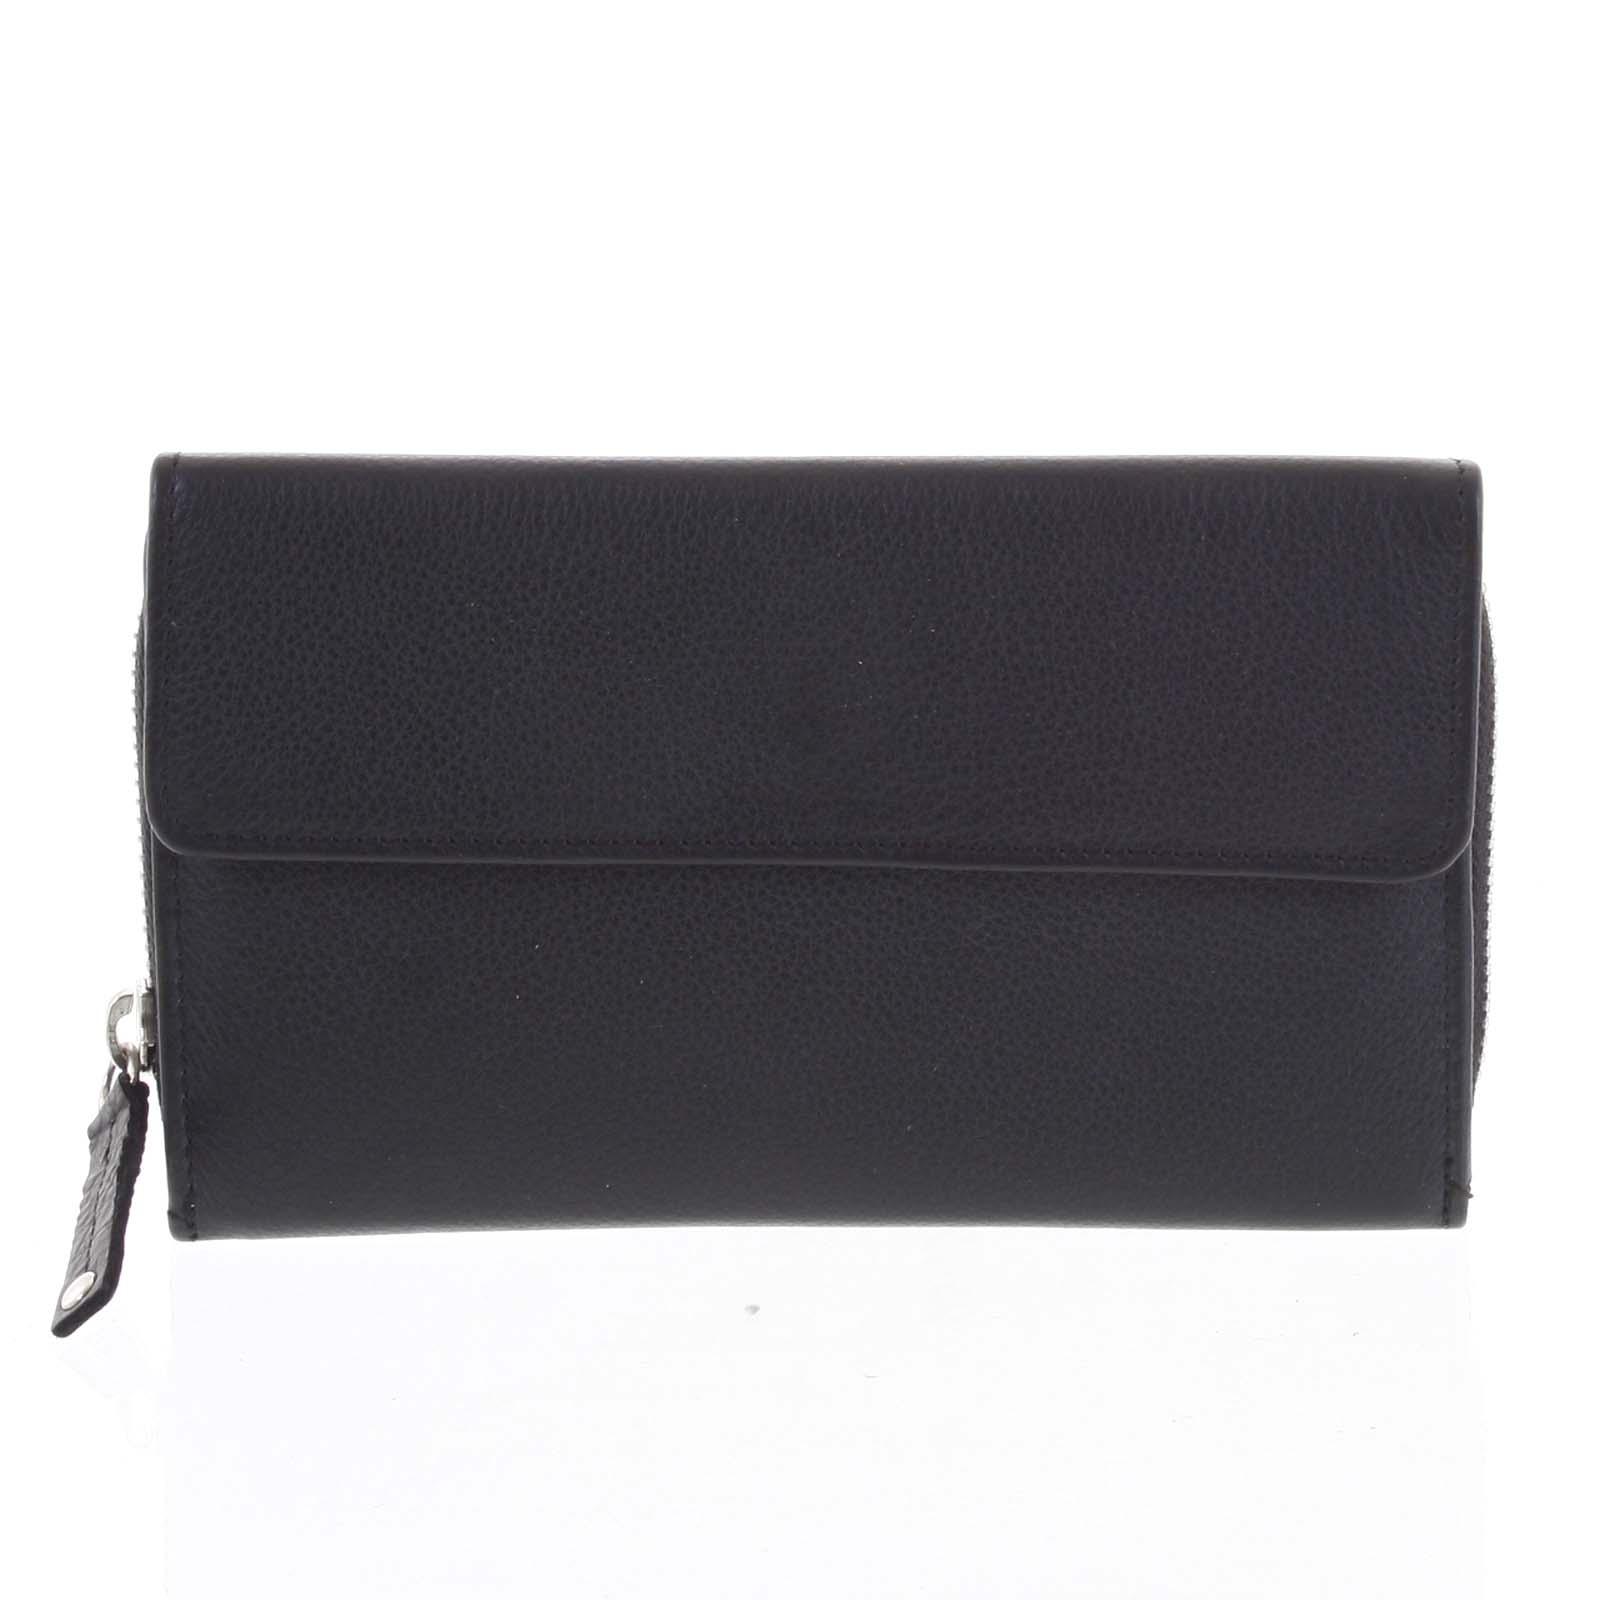 Dámská kožená peněženka černá - Tomas Menmaiya